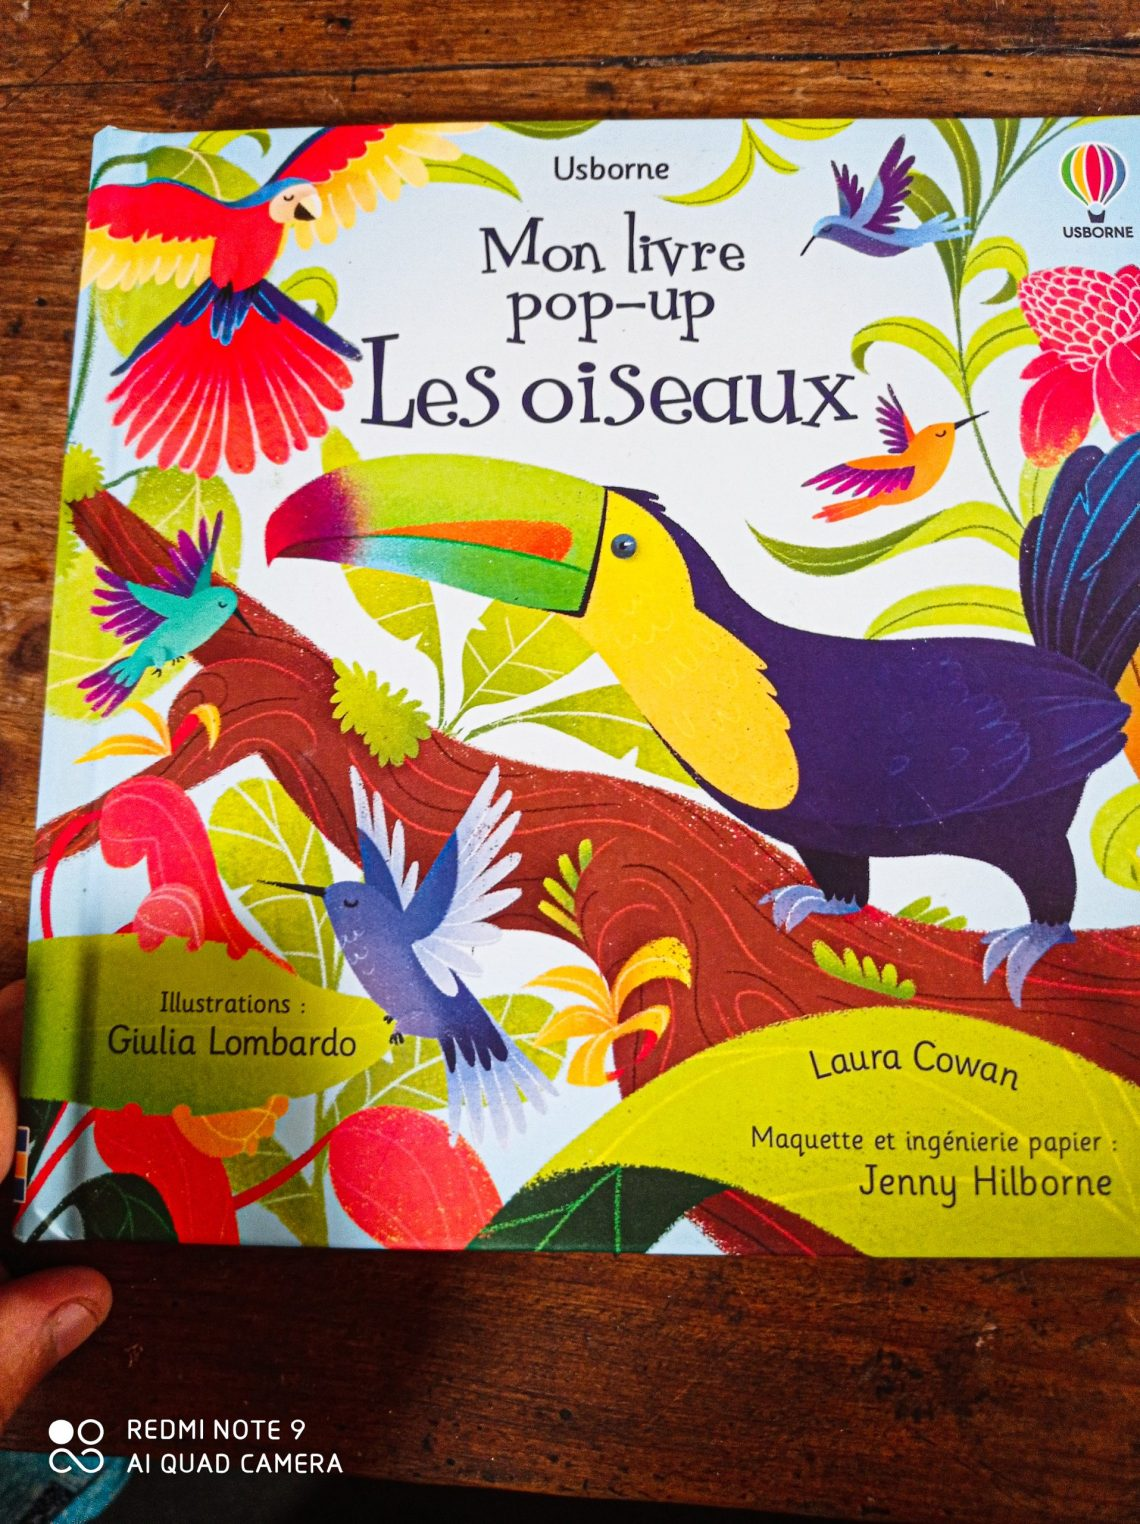 Coup de cœur : Livre pop-up les oiseaux éditions Usborne.